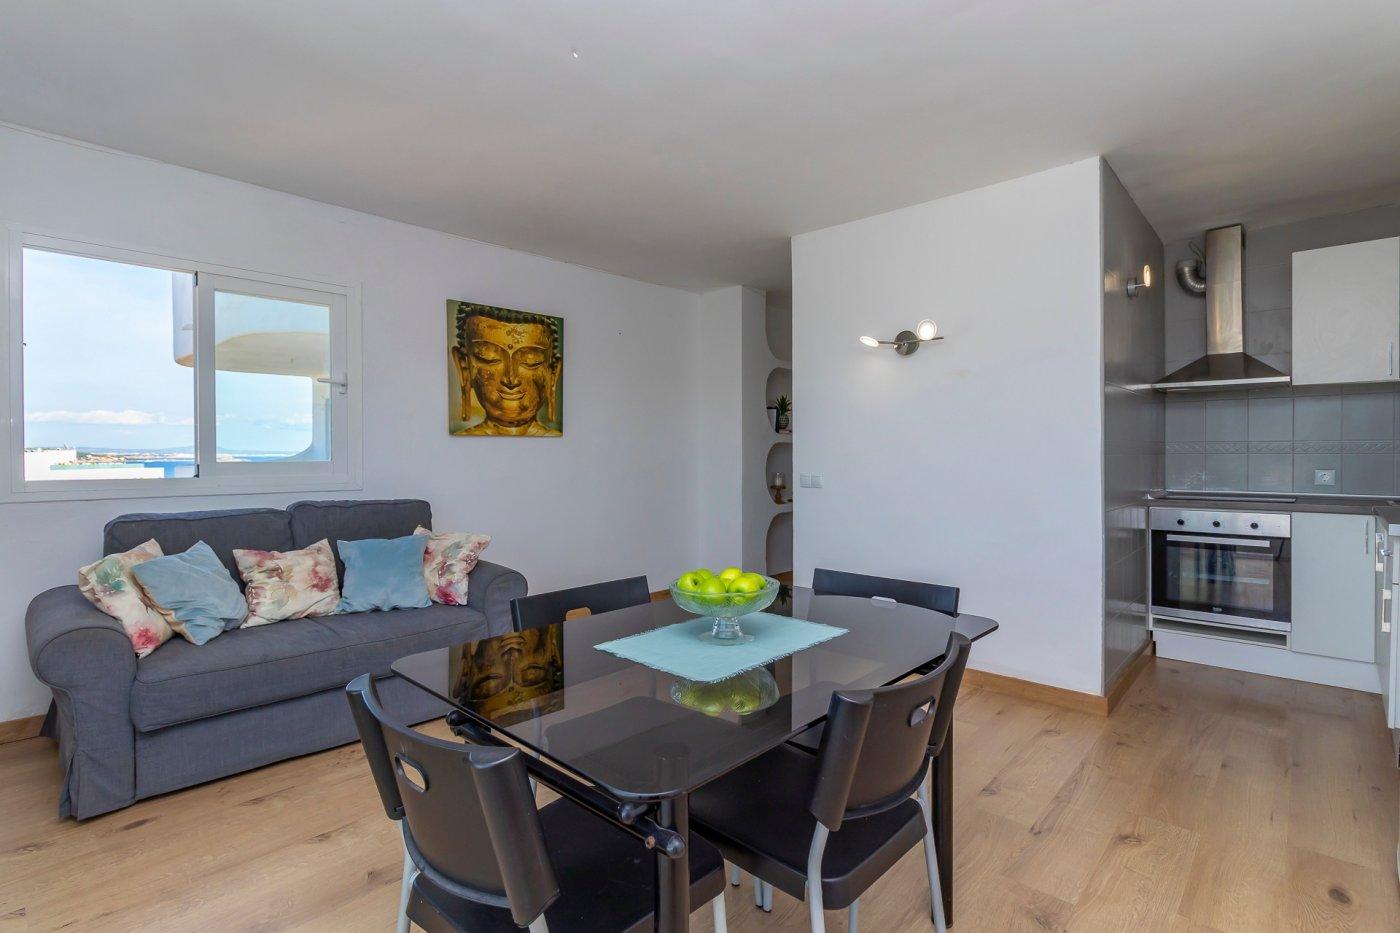 Precioso apartamento con vistas al mar en magaluf, calvia - imagenInmueble2